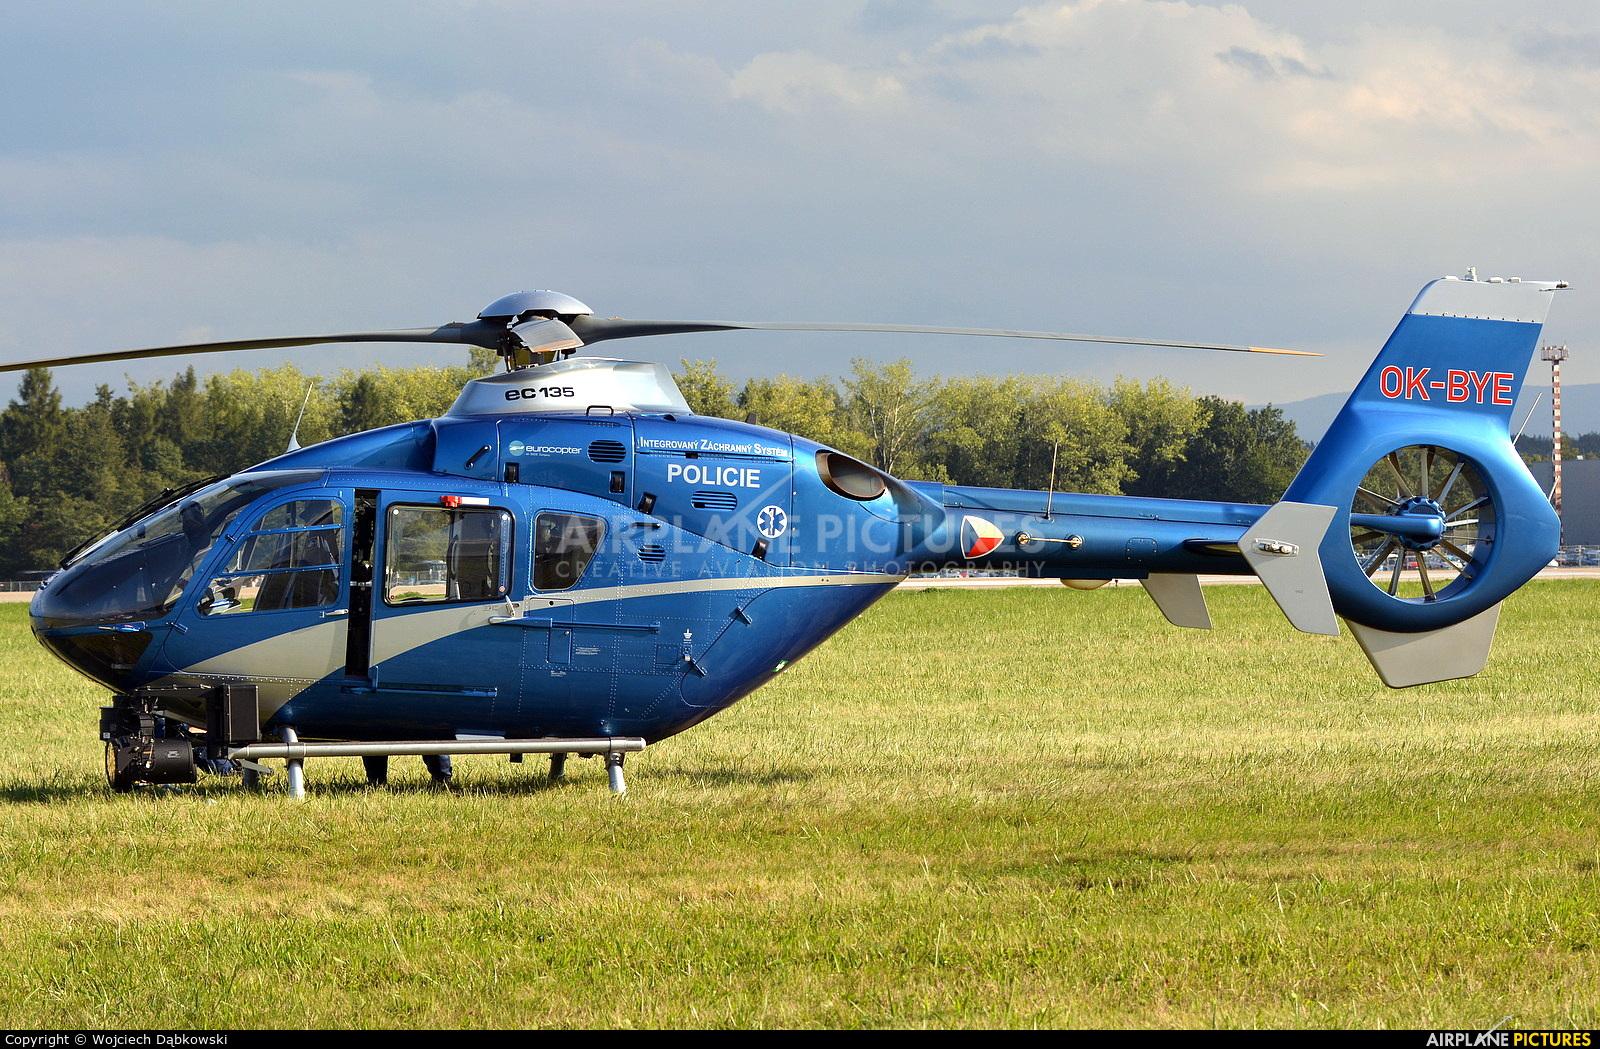 Czech Republic - Police OK-BYE aircraft at Ostrava Mošnov